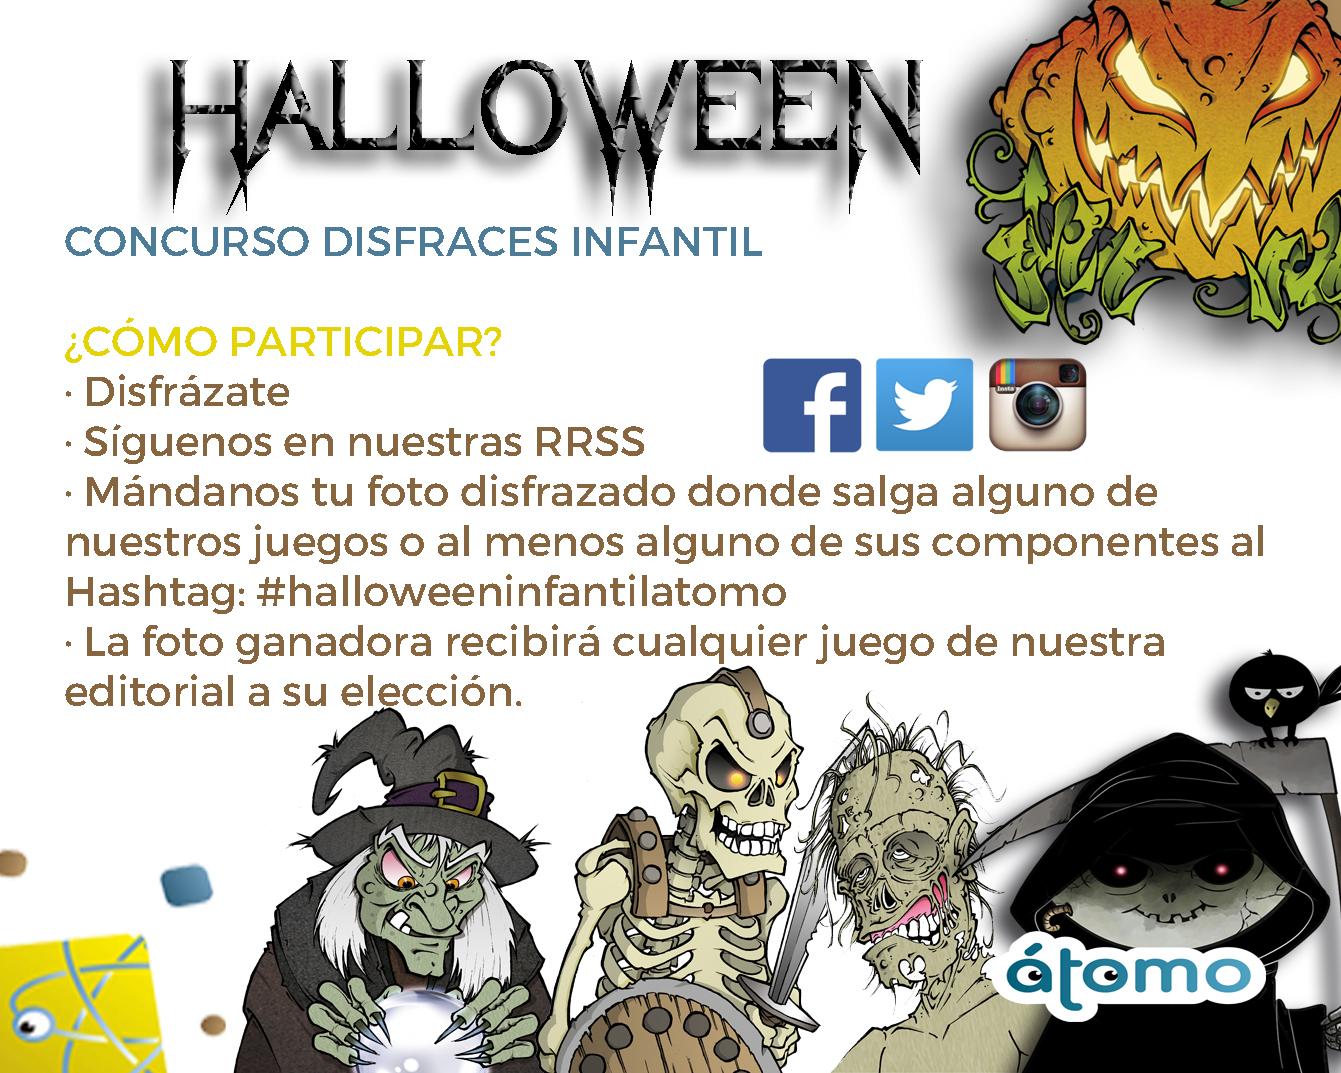 Información concurso infantil Halloween 2019